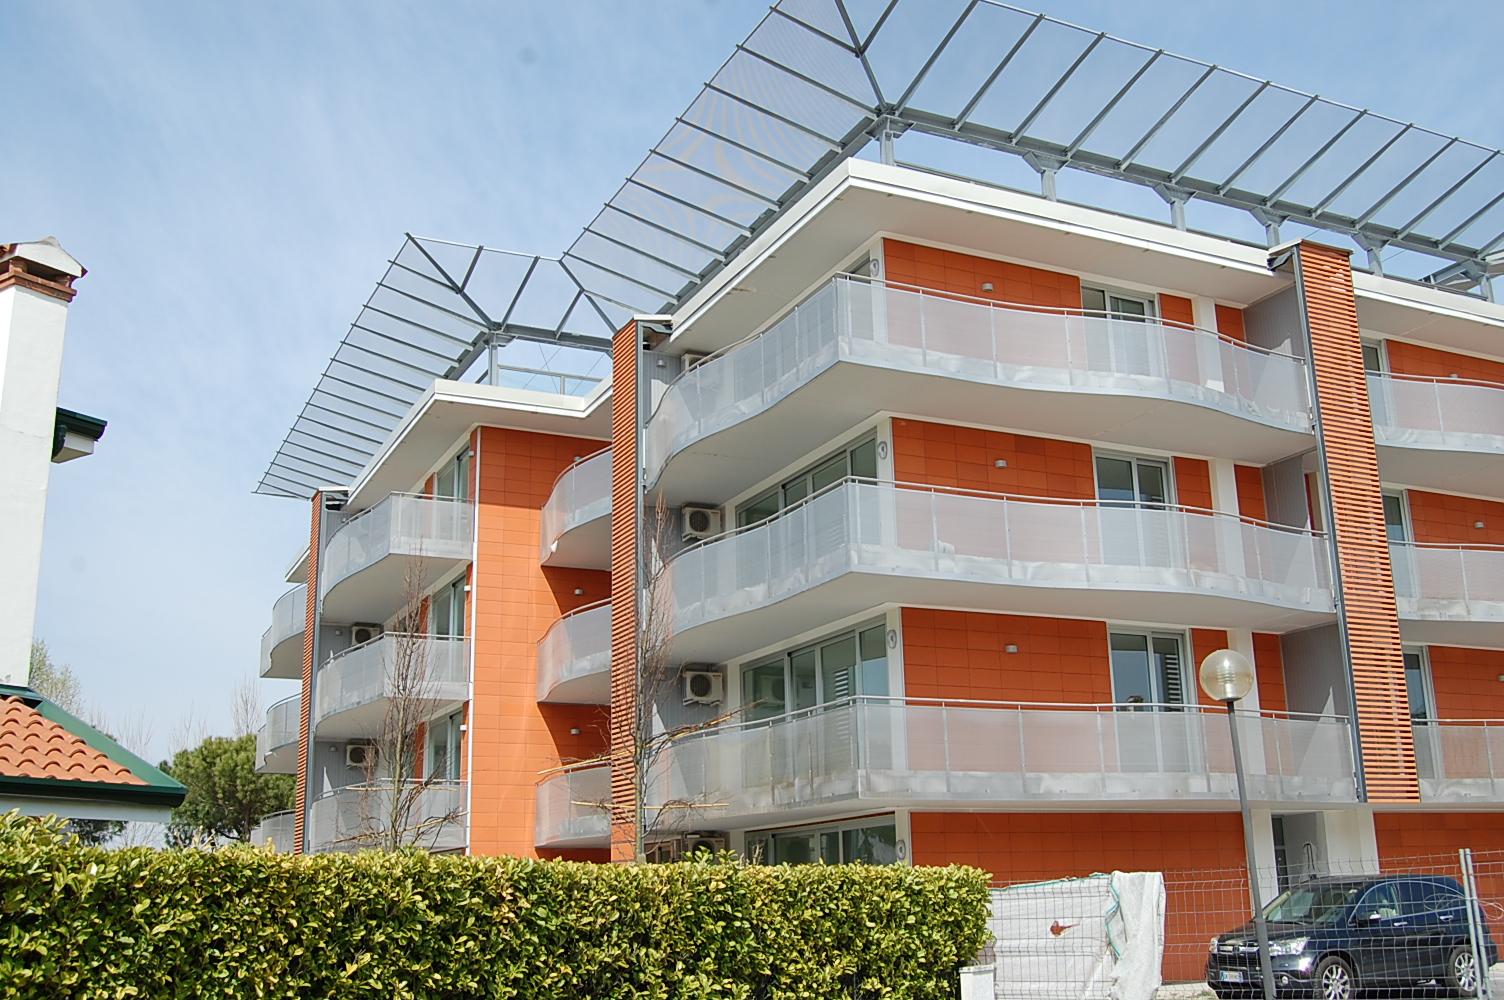 Nuovi edifici studio di progettazione albano passarin for Progettazione di edifici economica